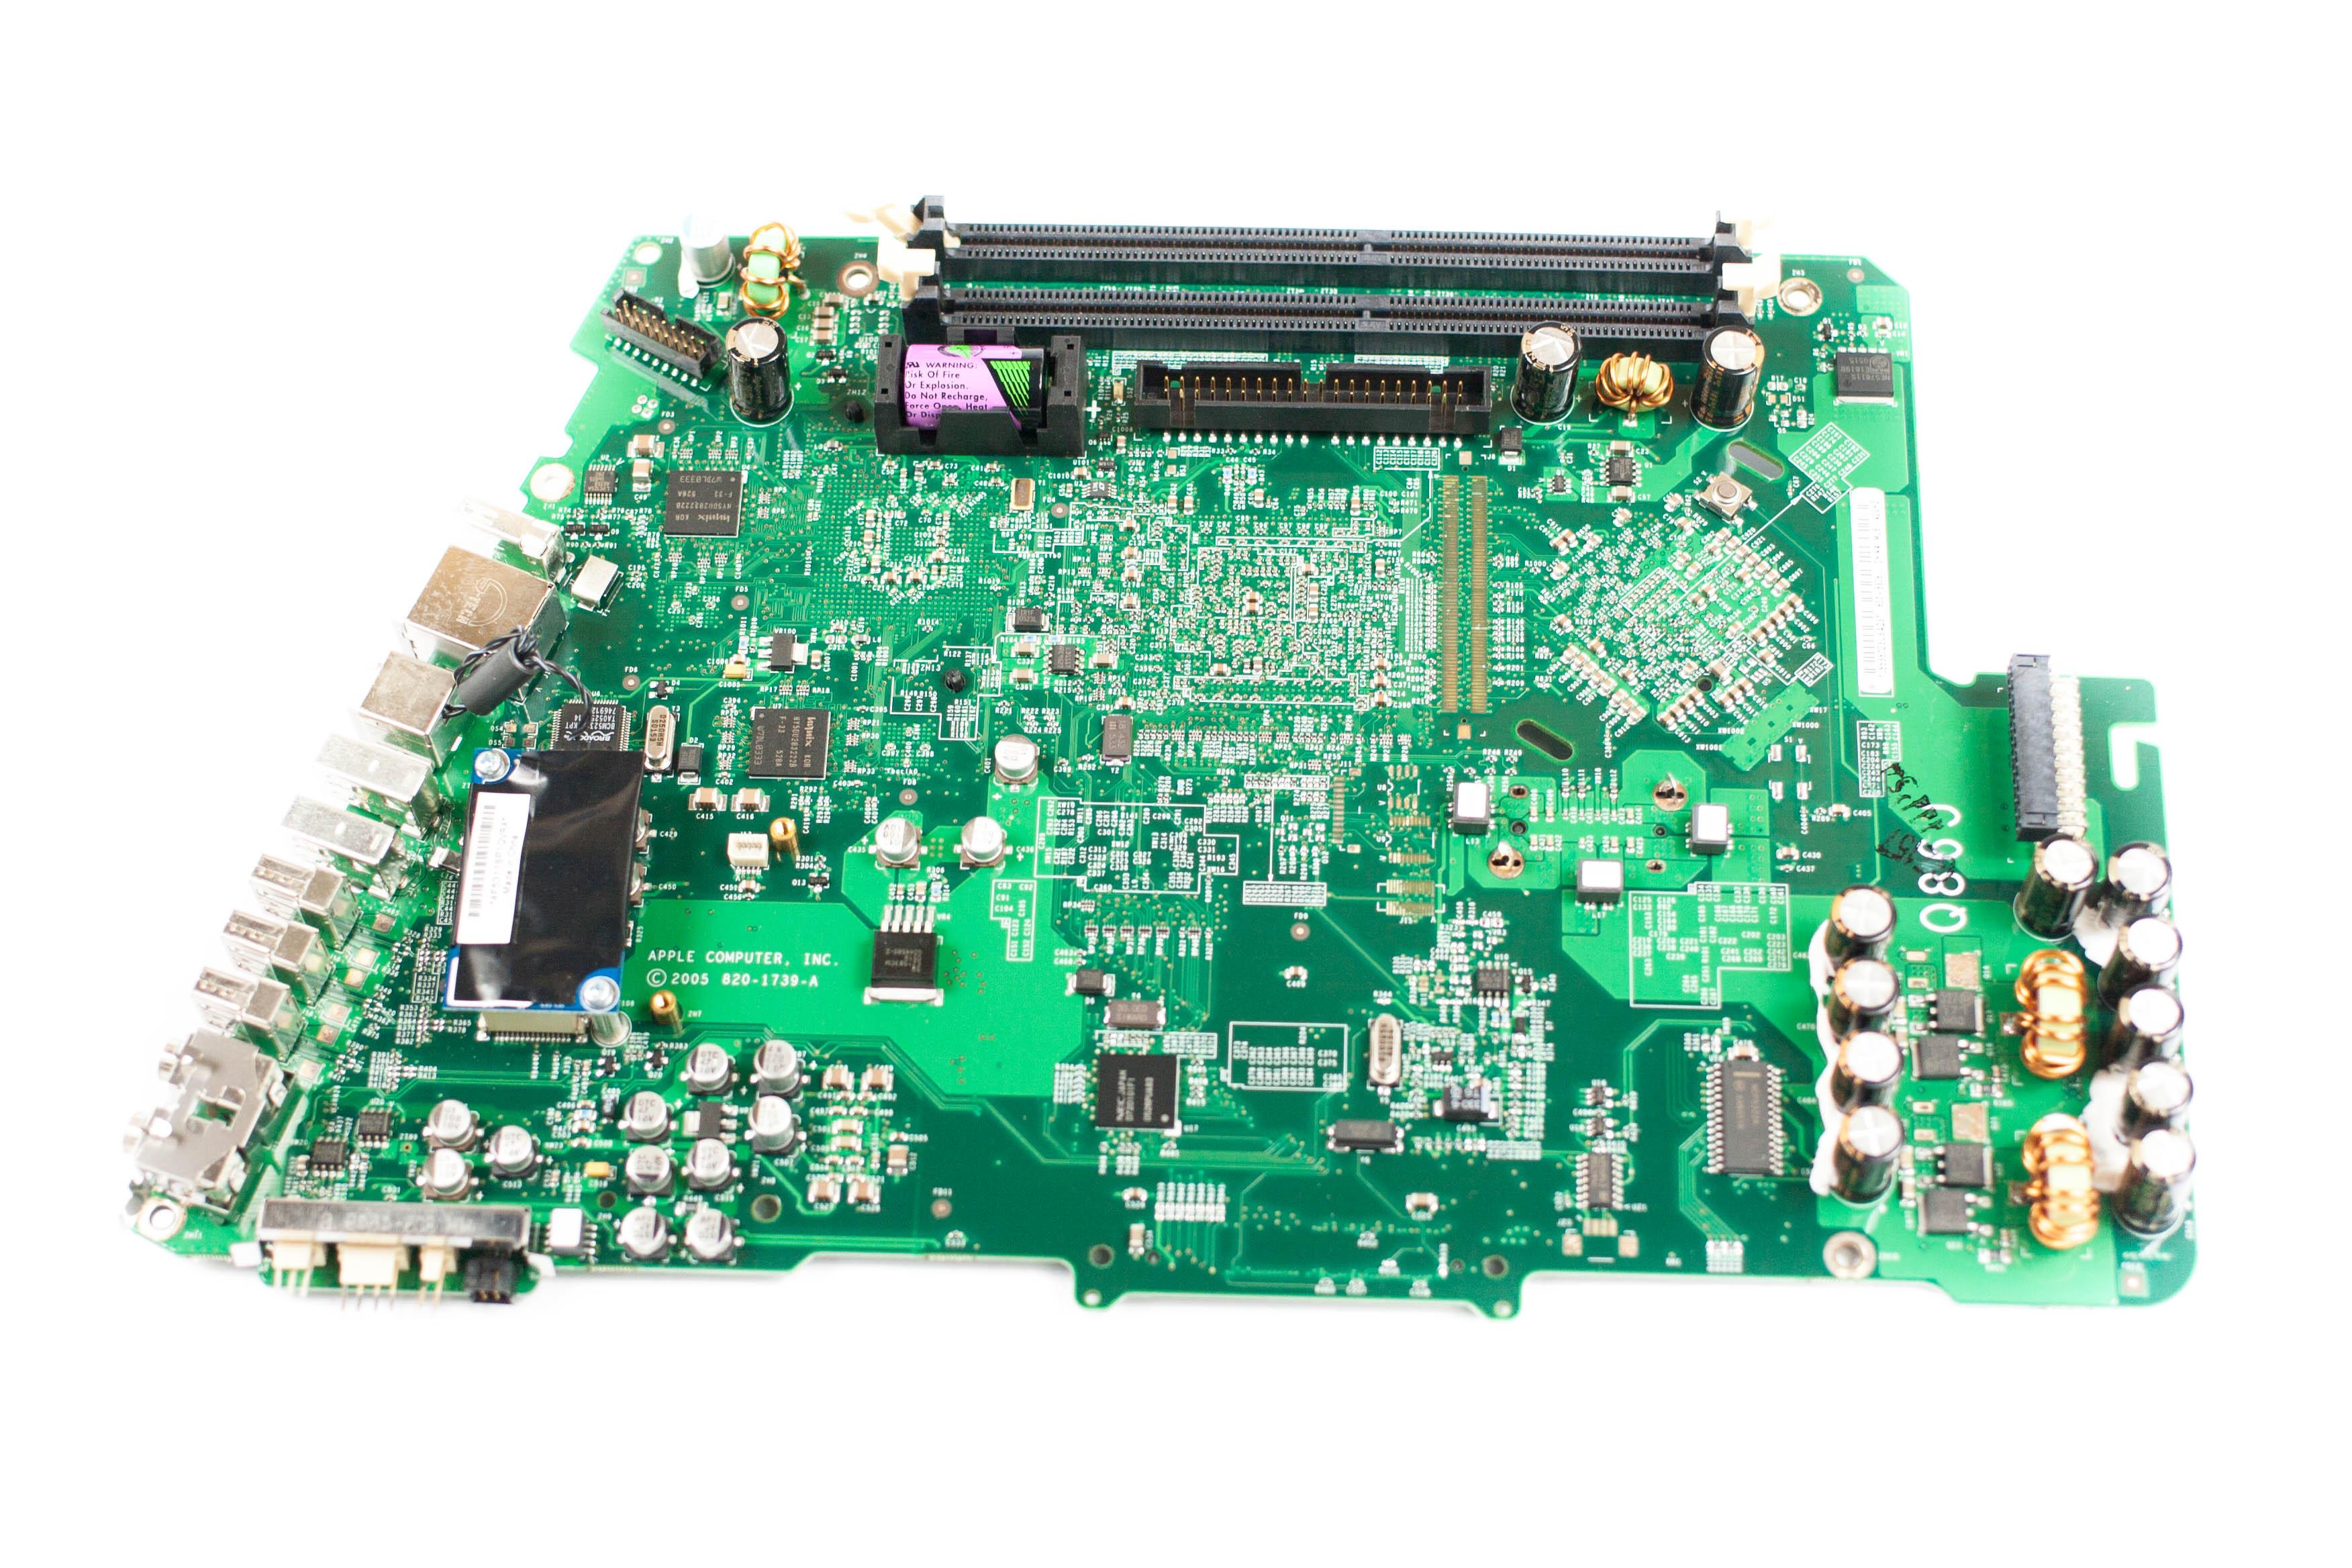 Blank board serializer 3t106 rentpuldavest wattpad.